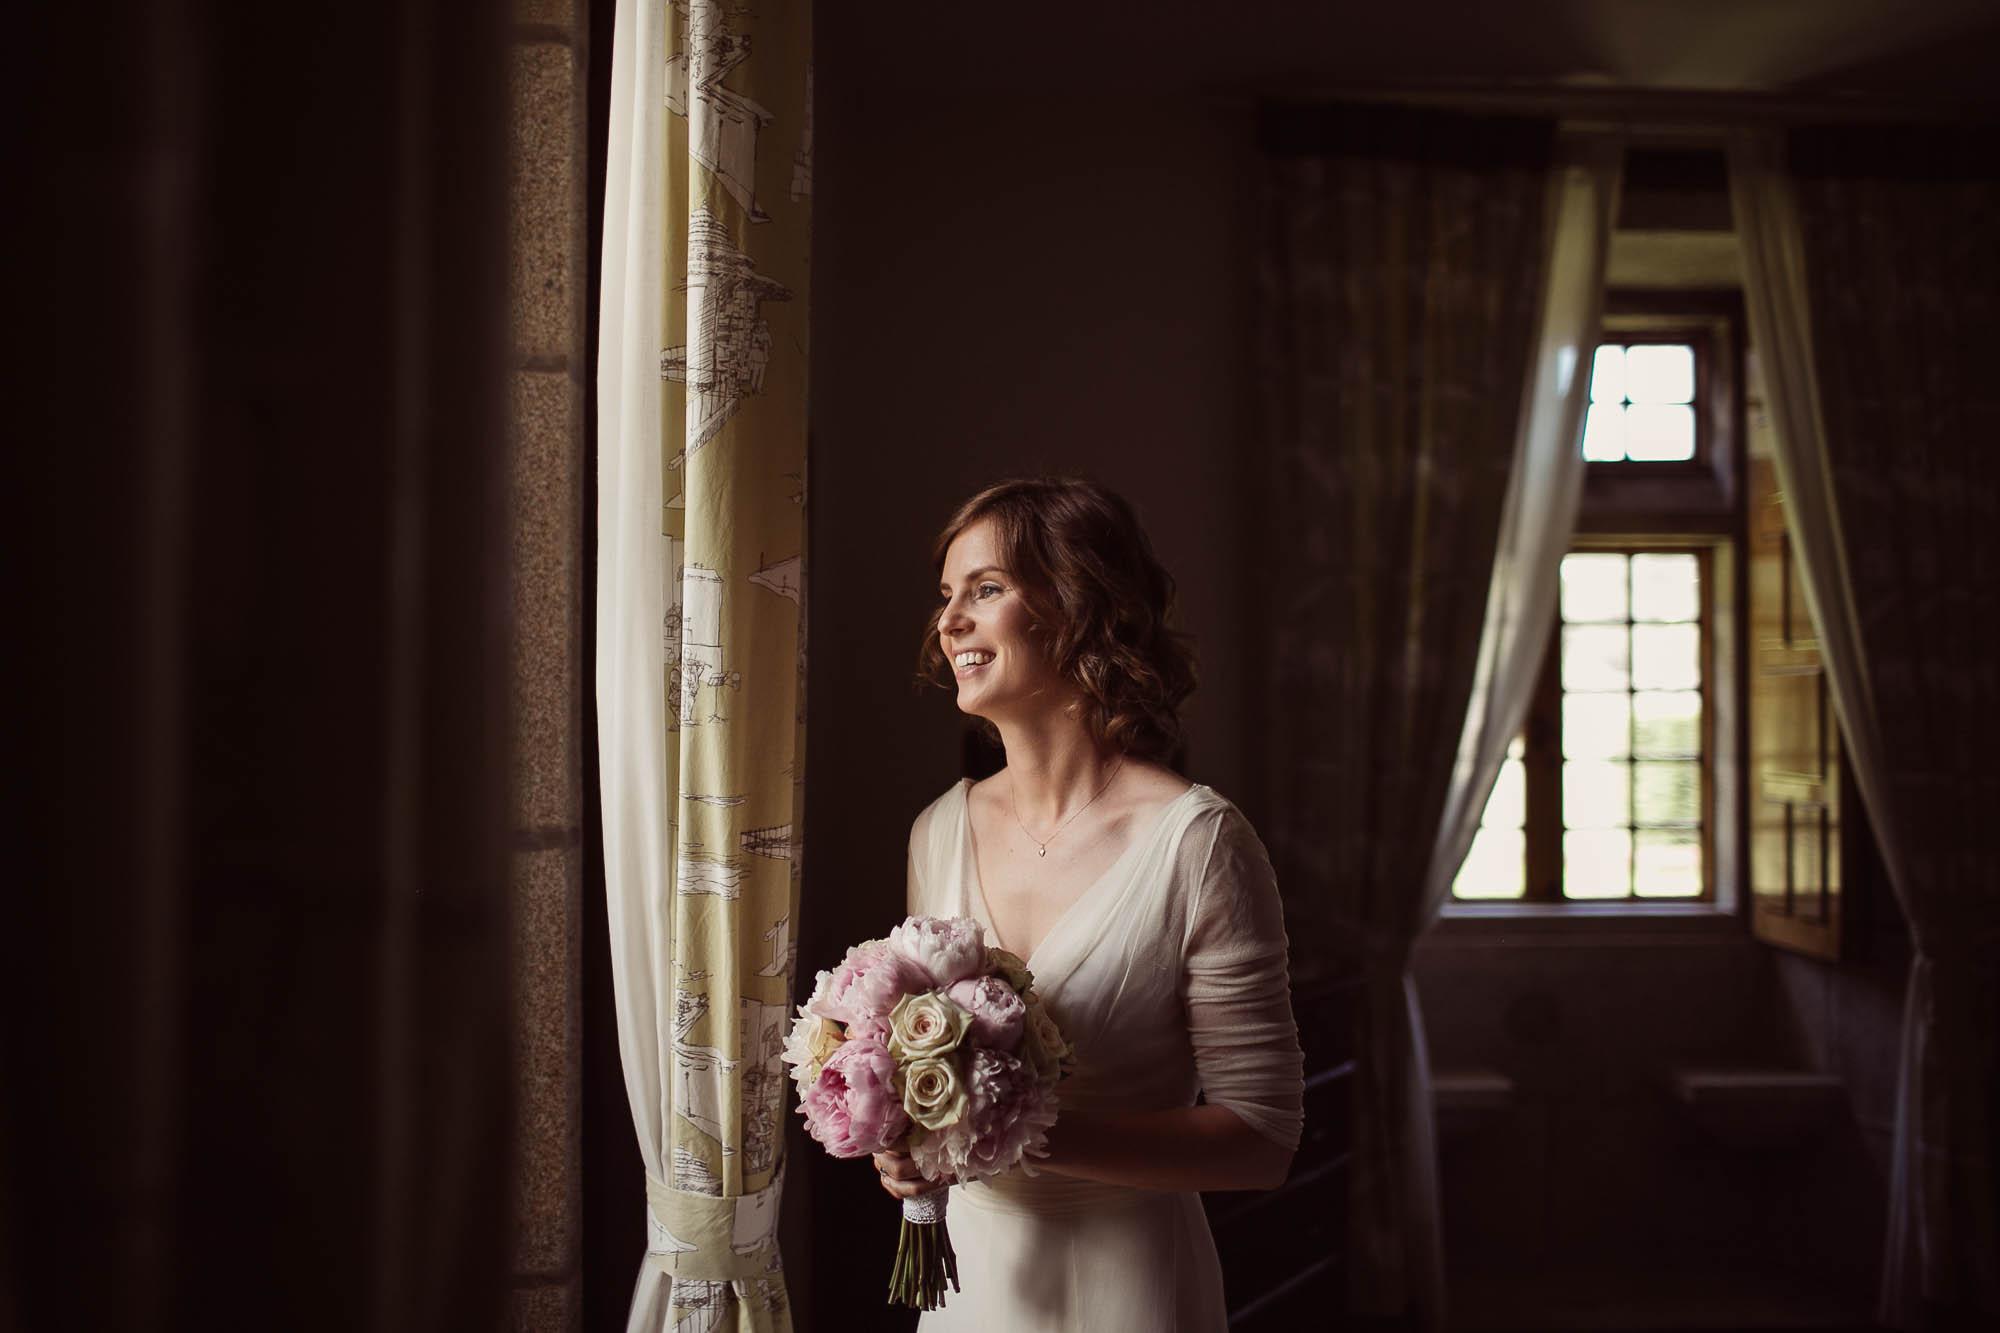 La novia mira una vez más por la ventana antes de salir hacia el altar